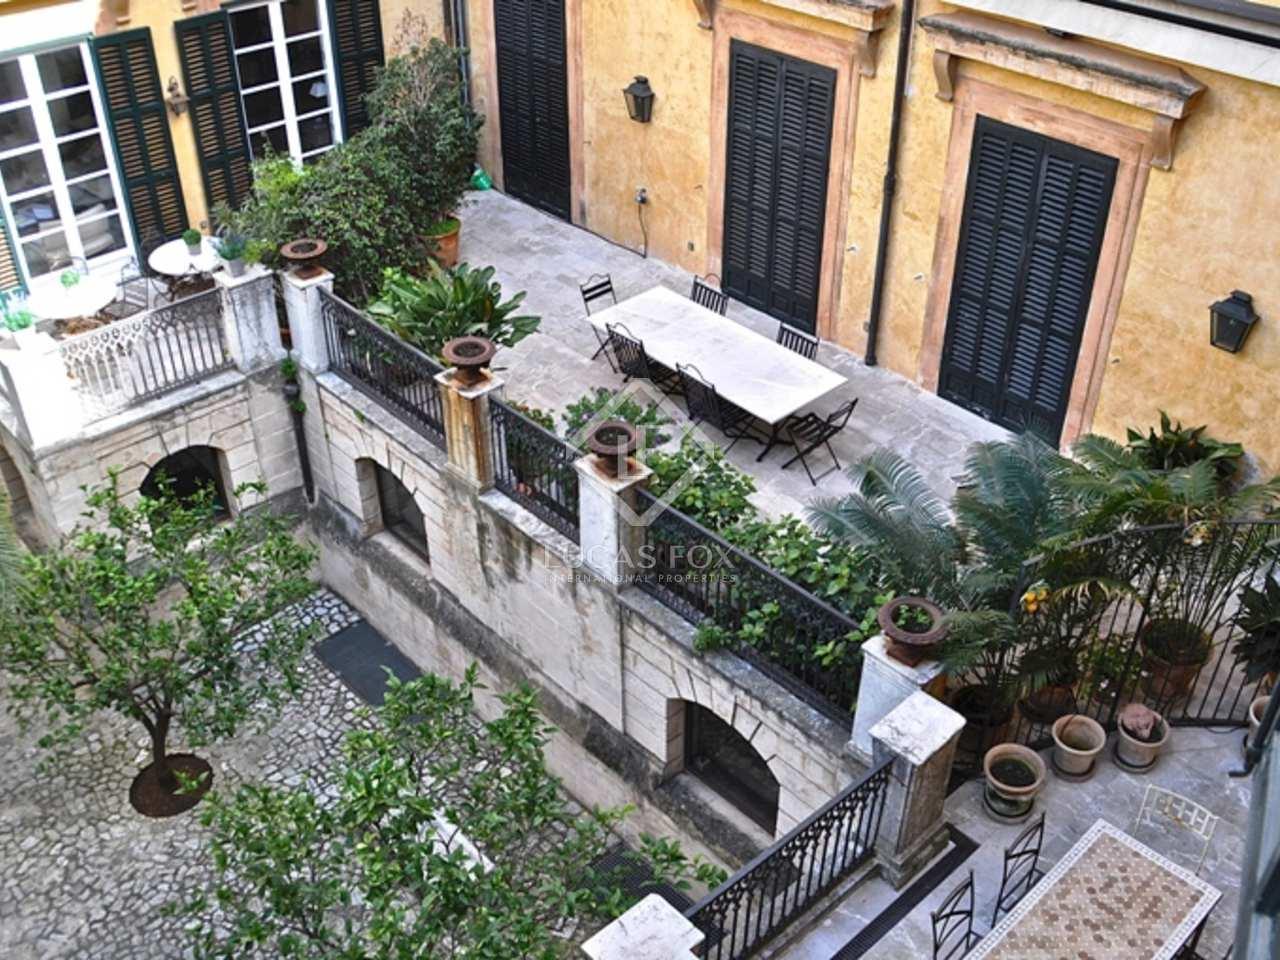 4 Bedroom Apartment For Sale In Palma De Mallorca